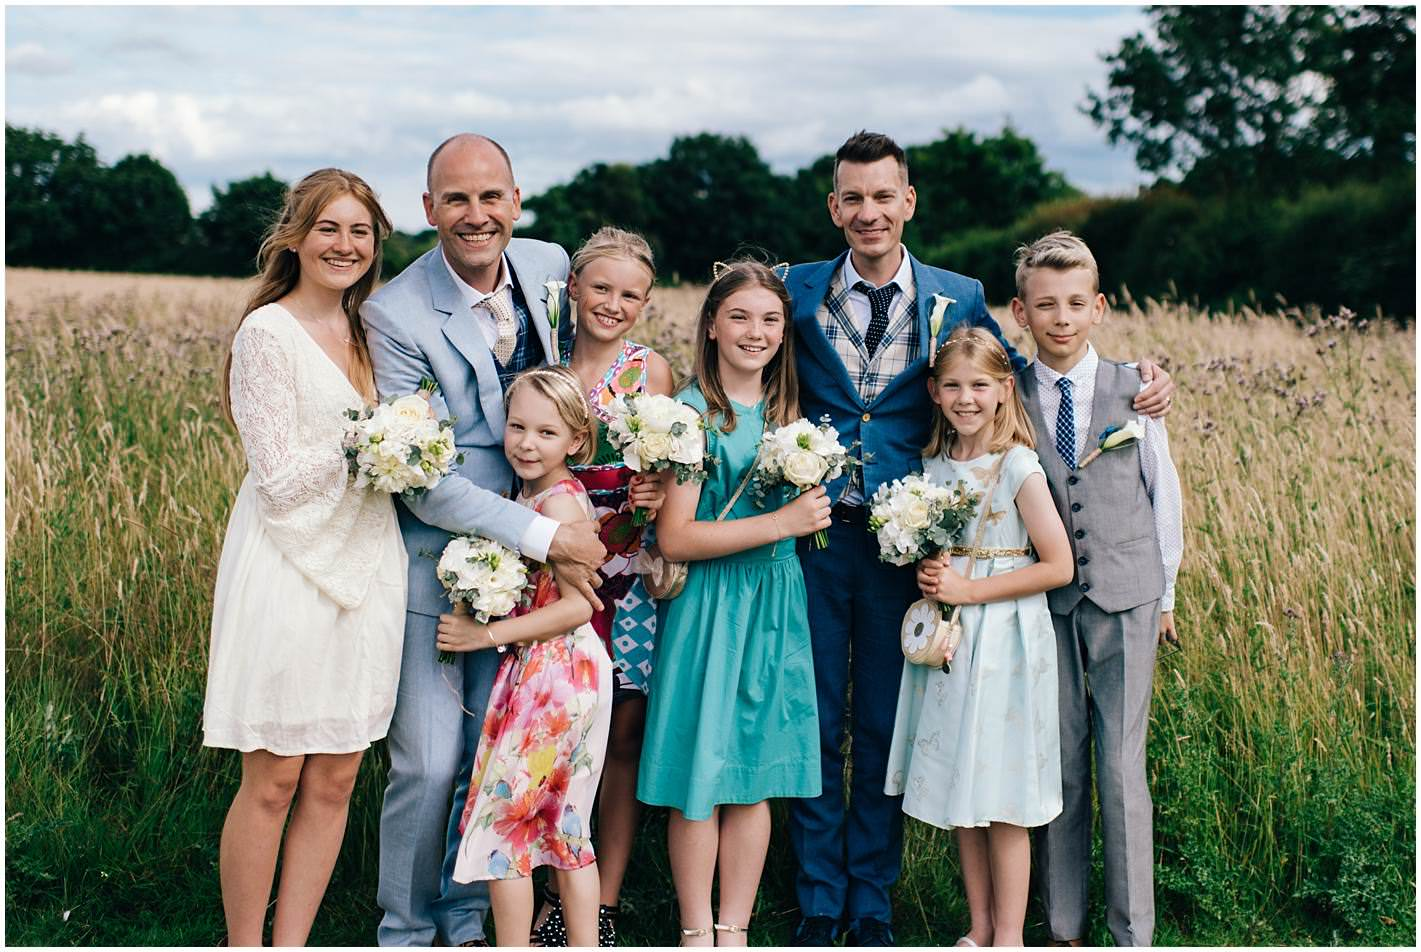 coldharbour-farm-wedding233